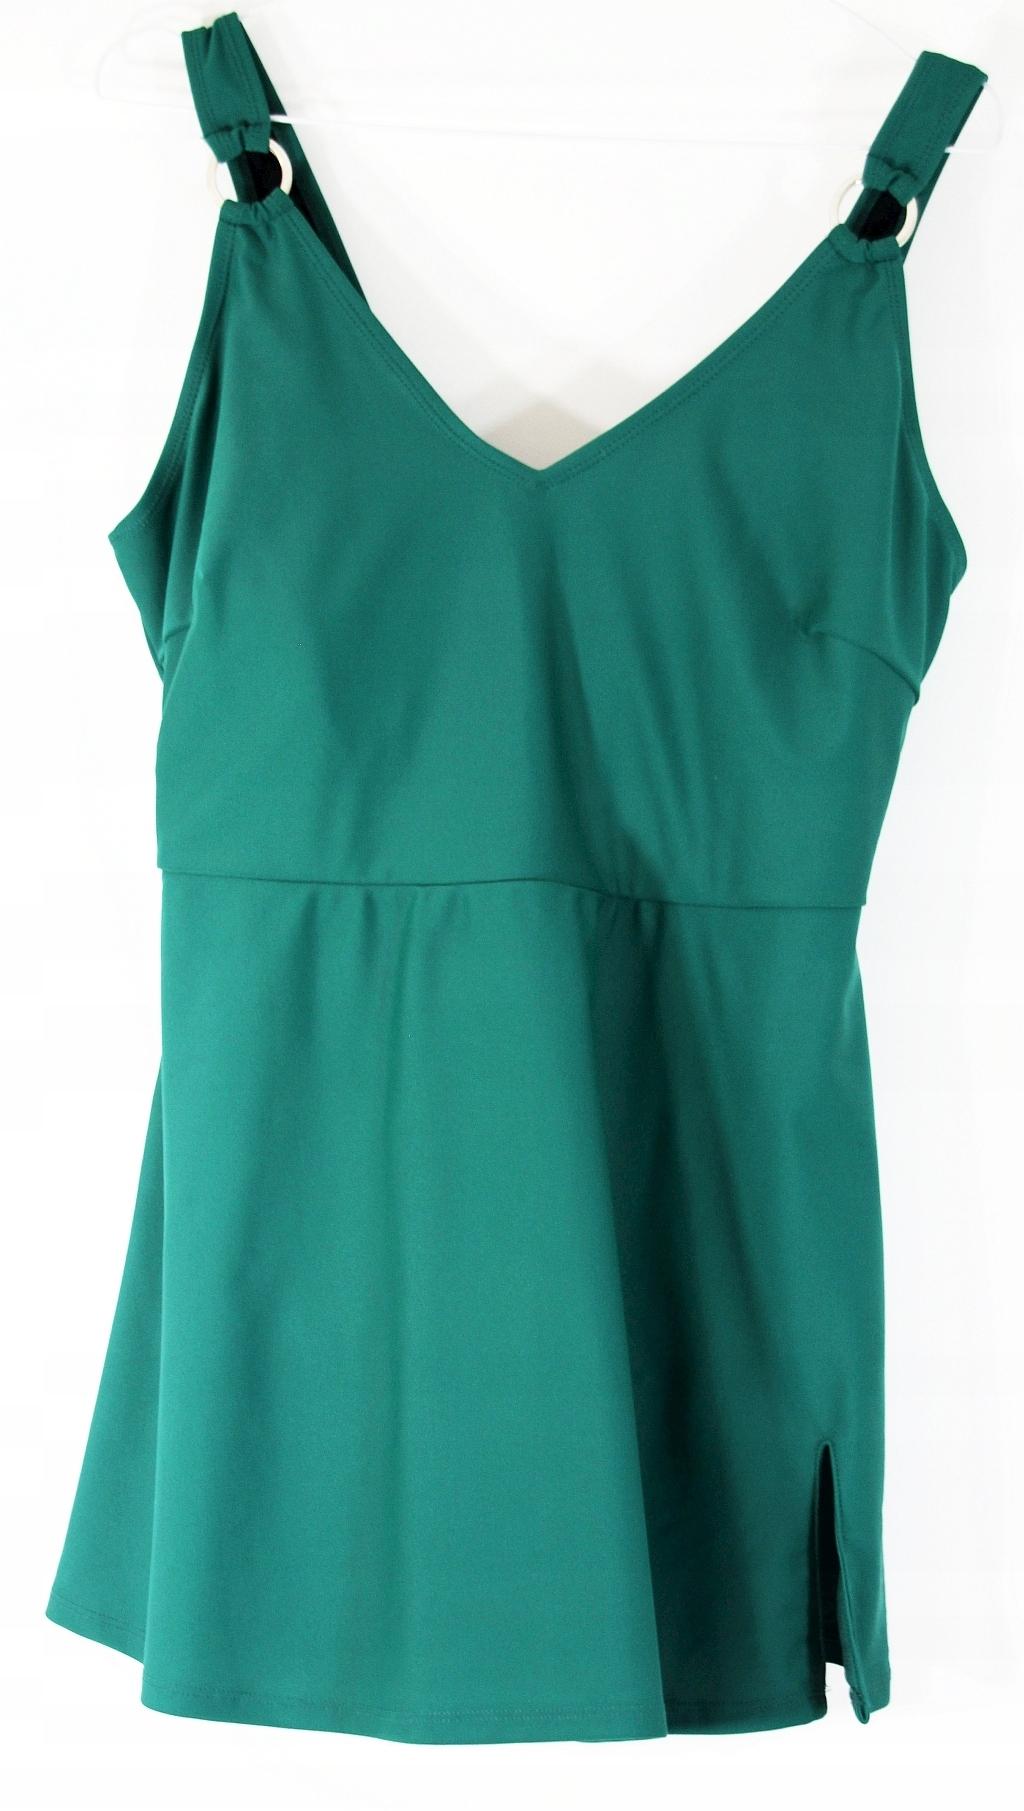 Kostium kąpielowy zielony sukienka R 46/48